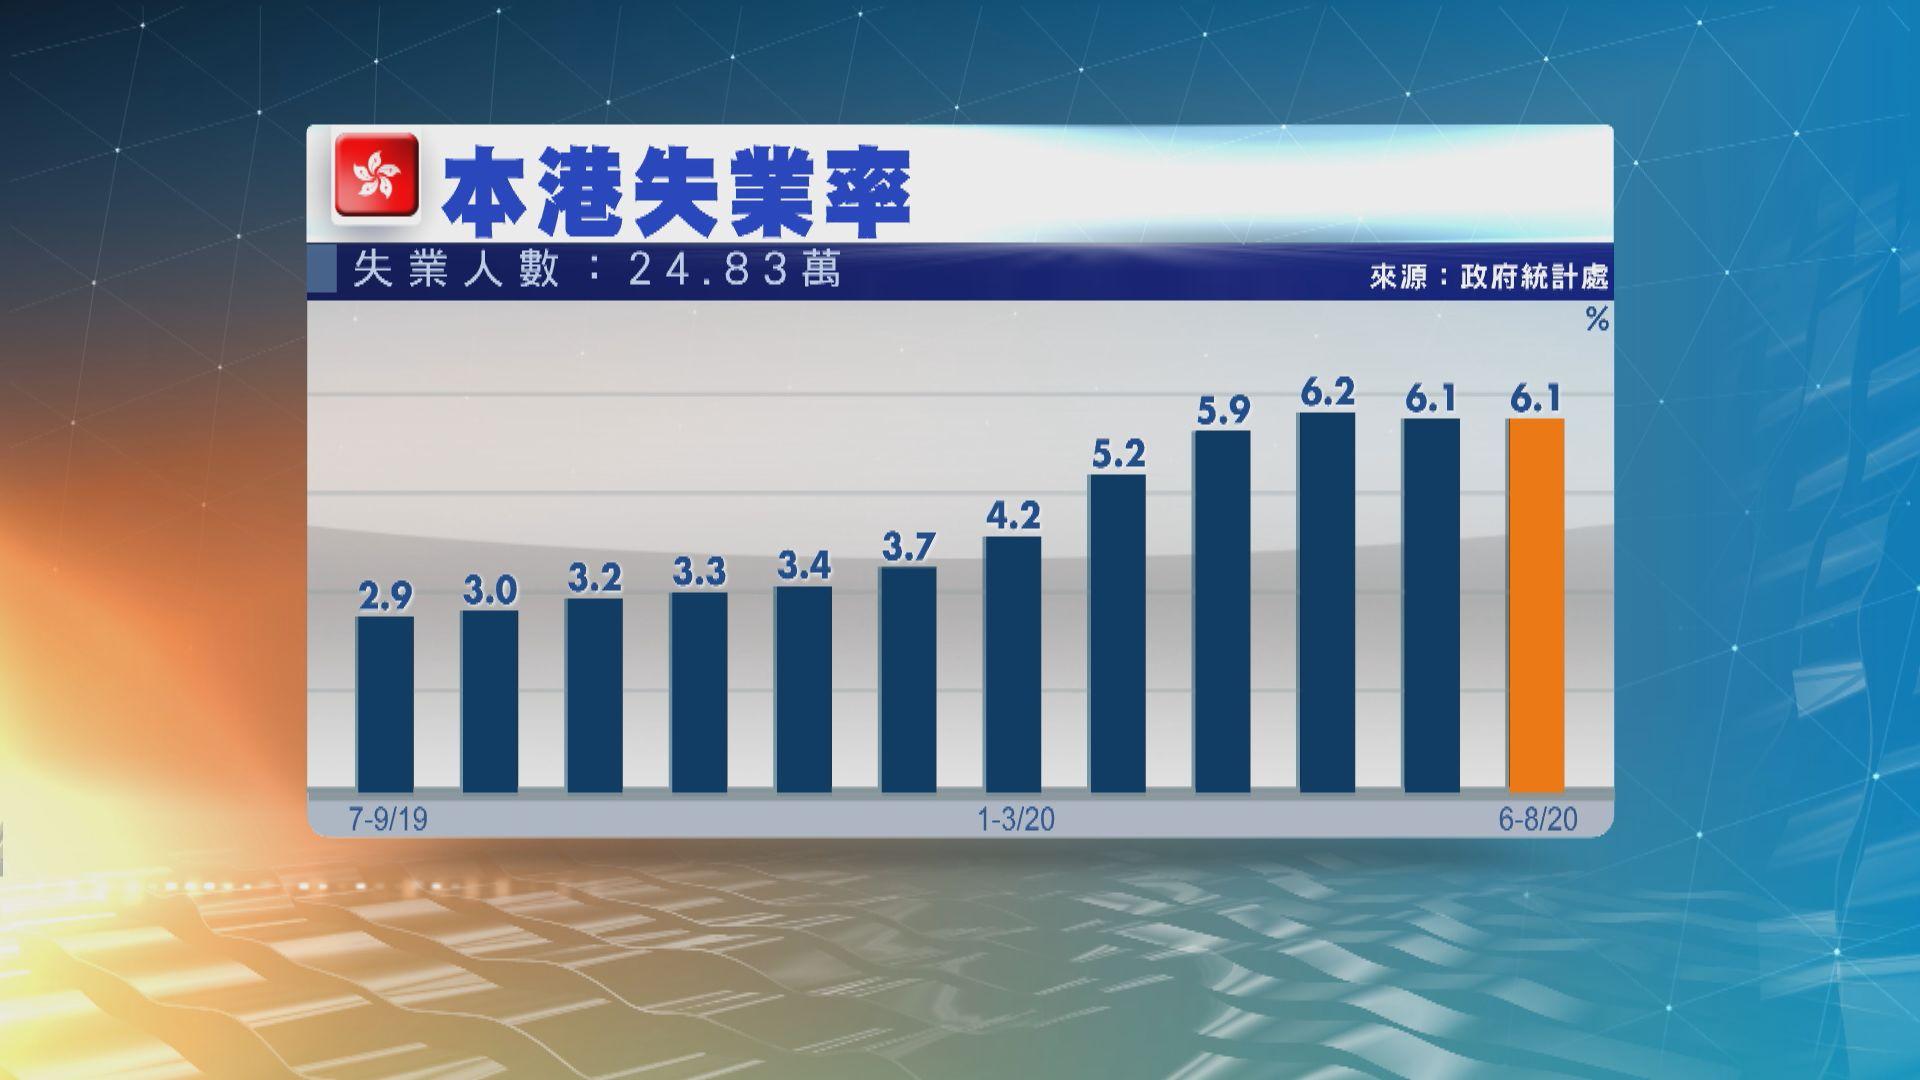 本港最新失業率維持6.1% 失業大軍增逾5000人